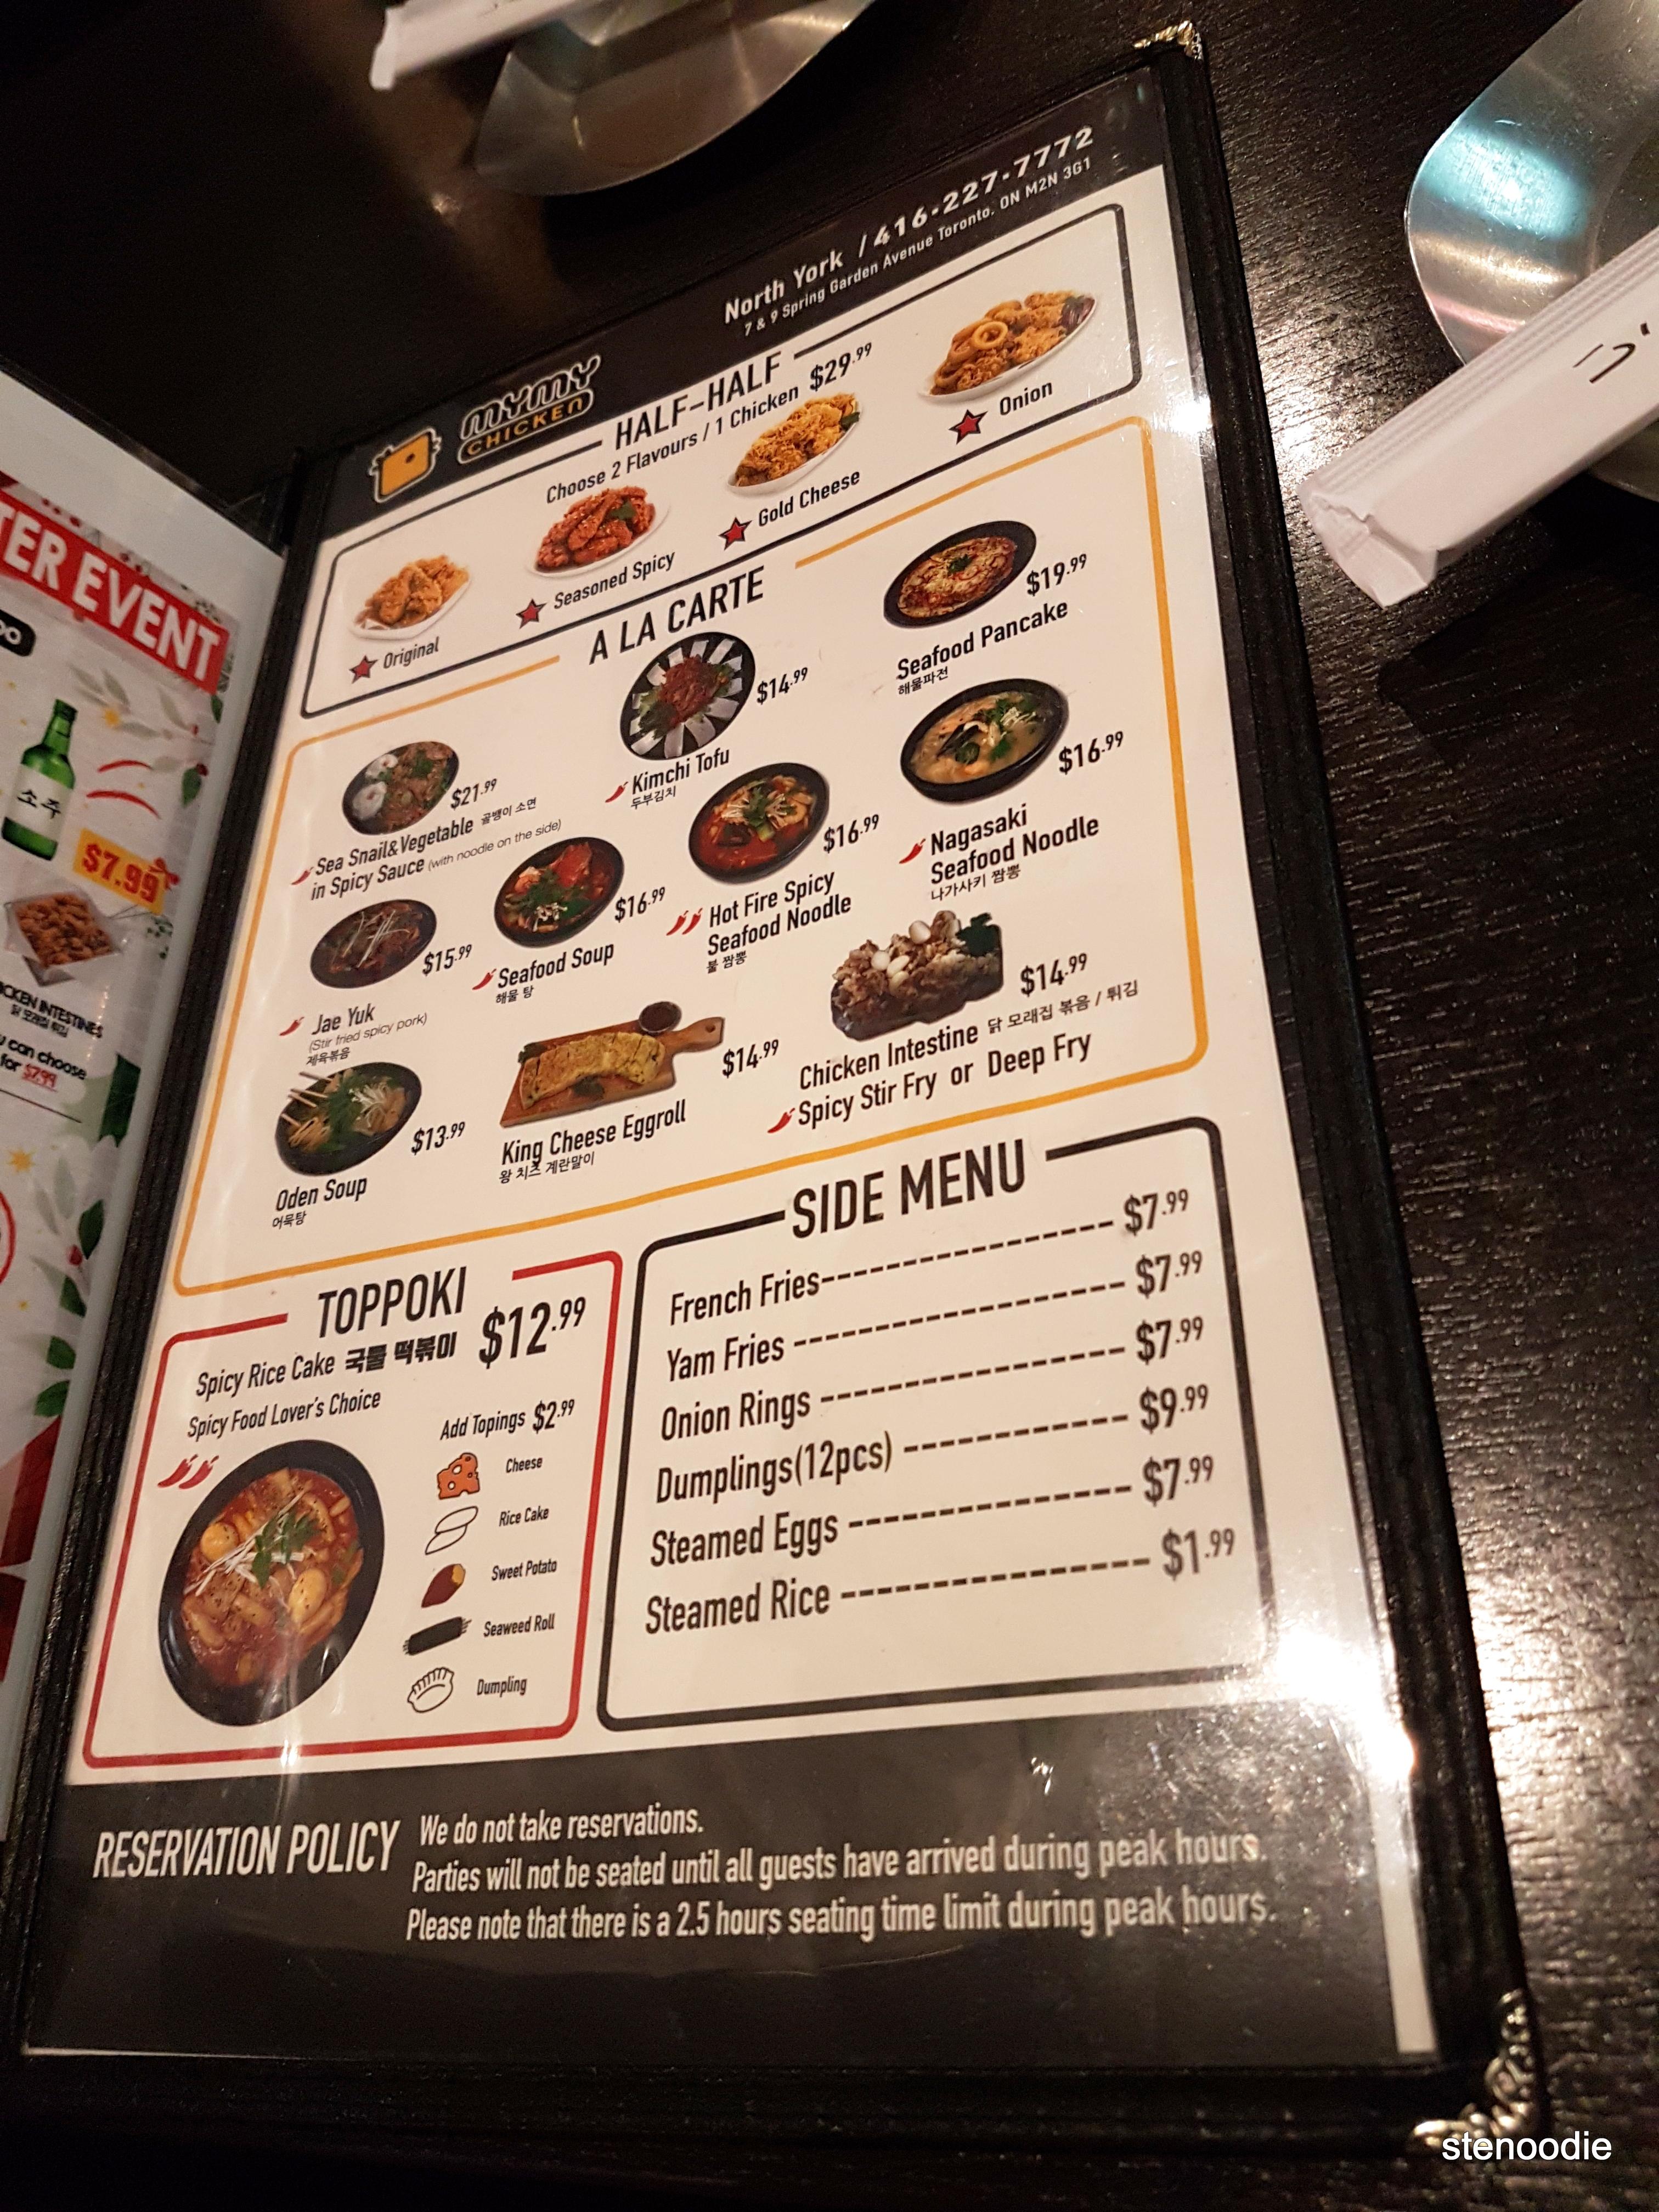 MyMy Chicken menu and prices